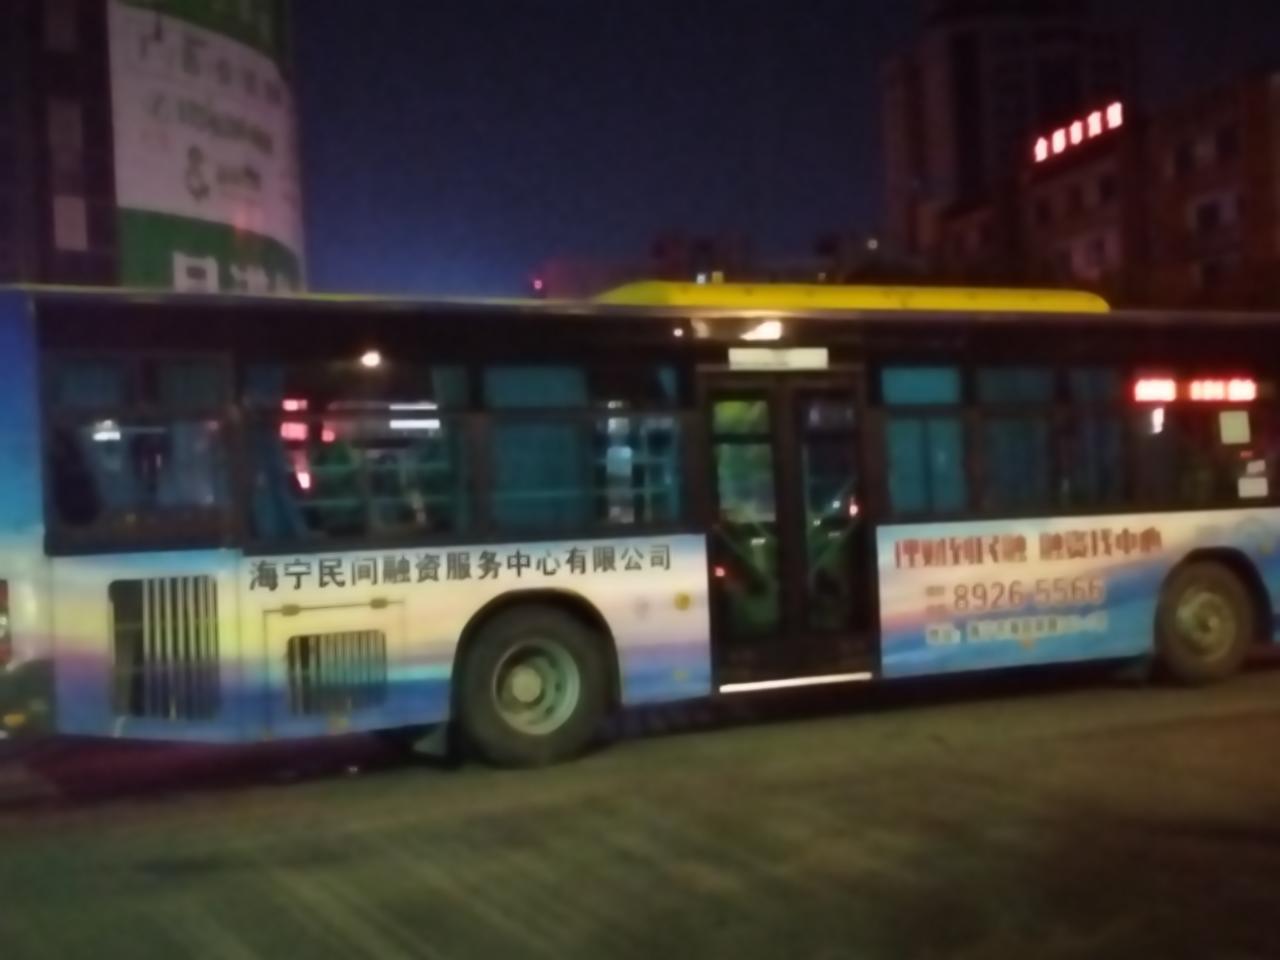 坐公交车遇到不快的事情怎么投诉?